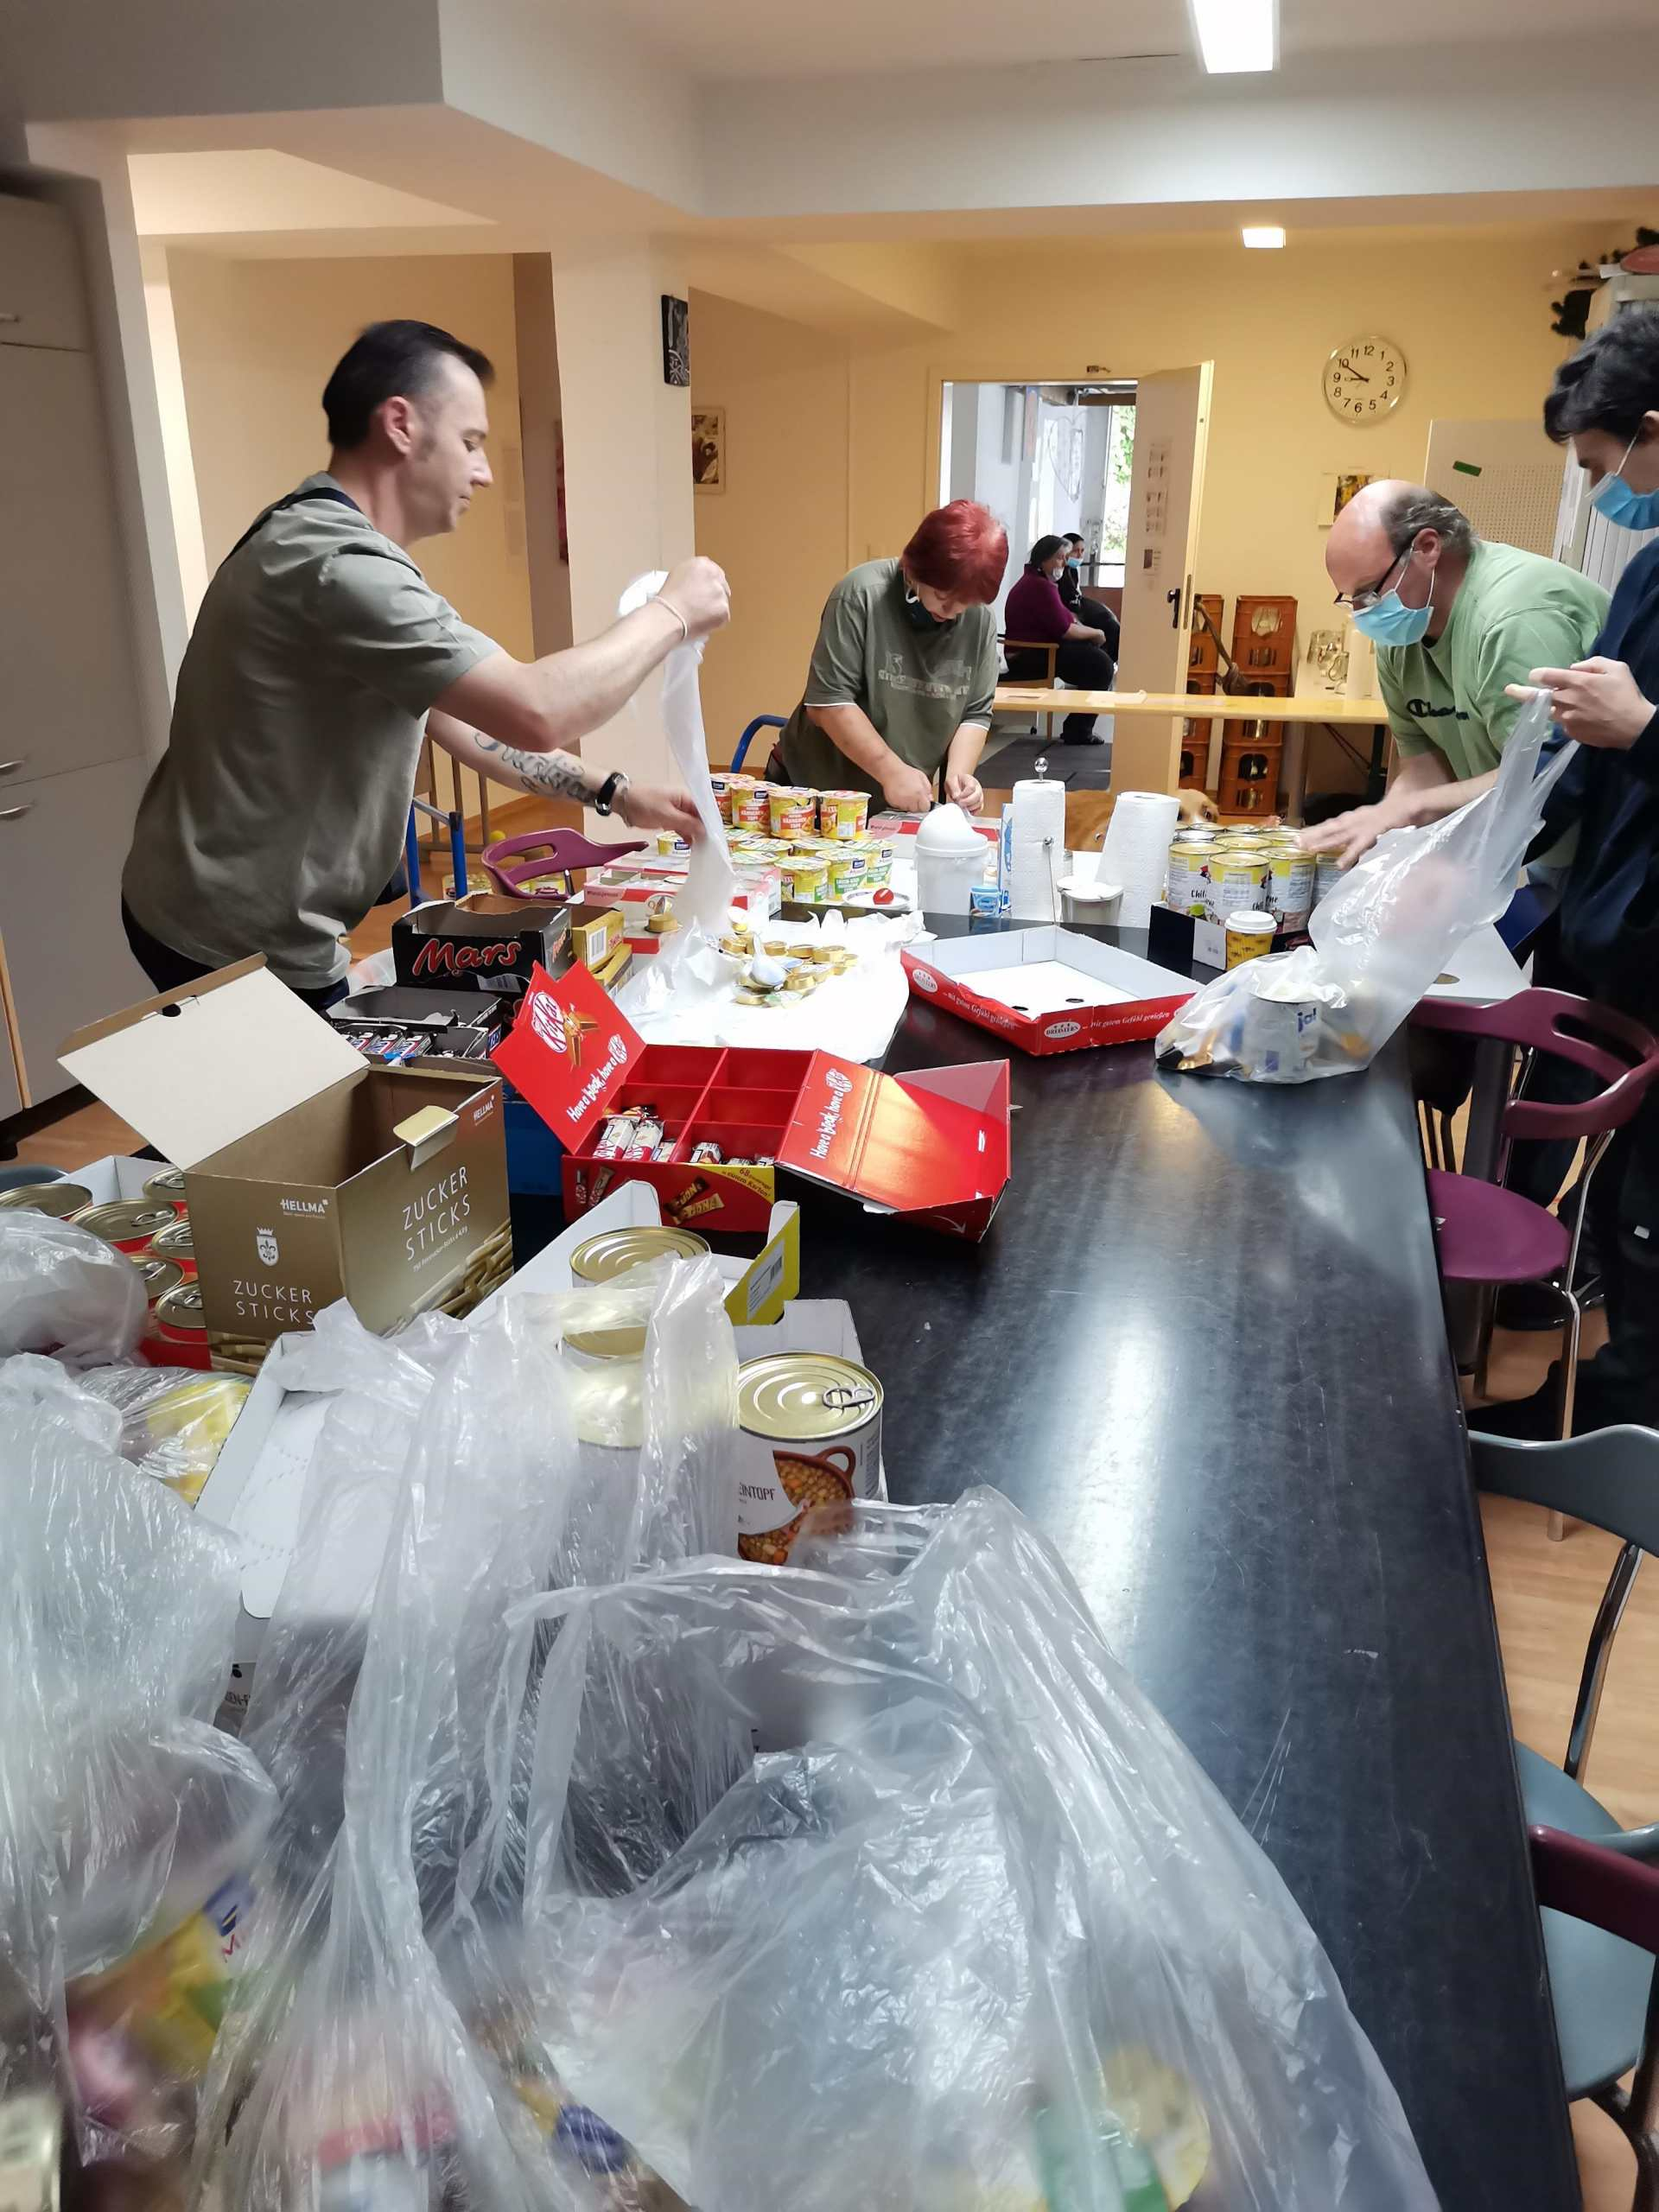 Trott-war-Mitarbeitende beim Abpacken des Einkaufs